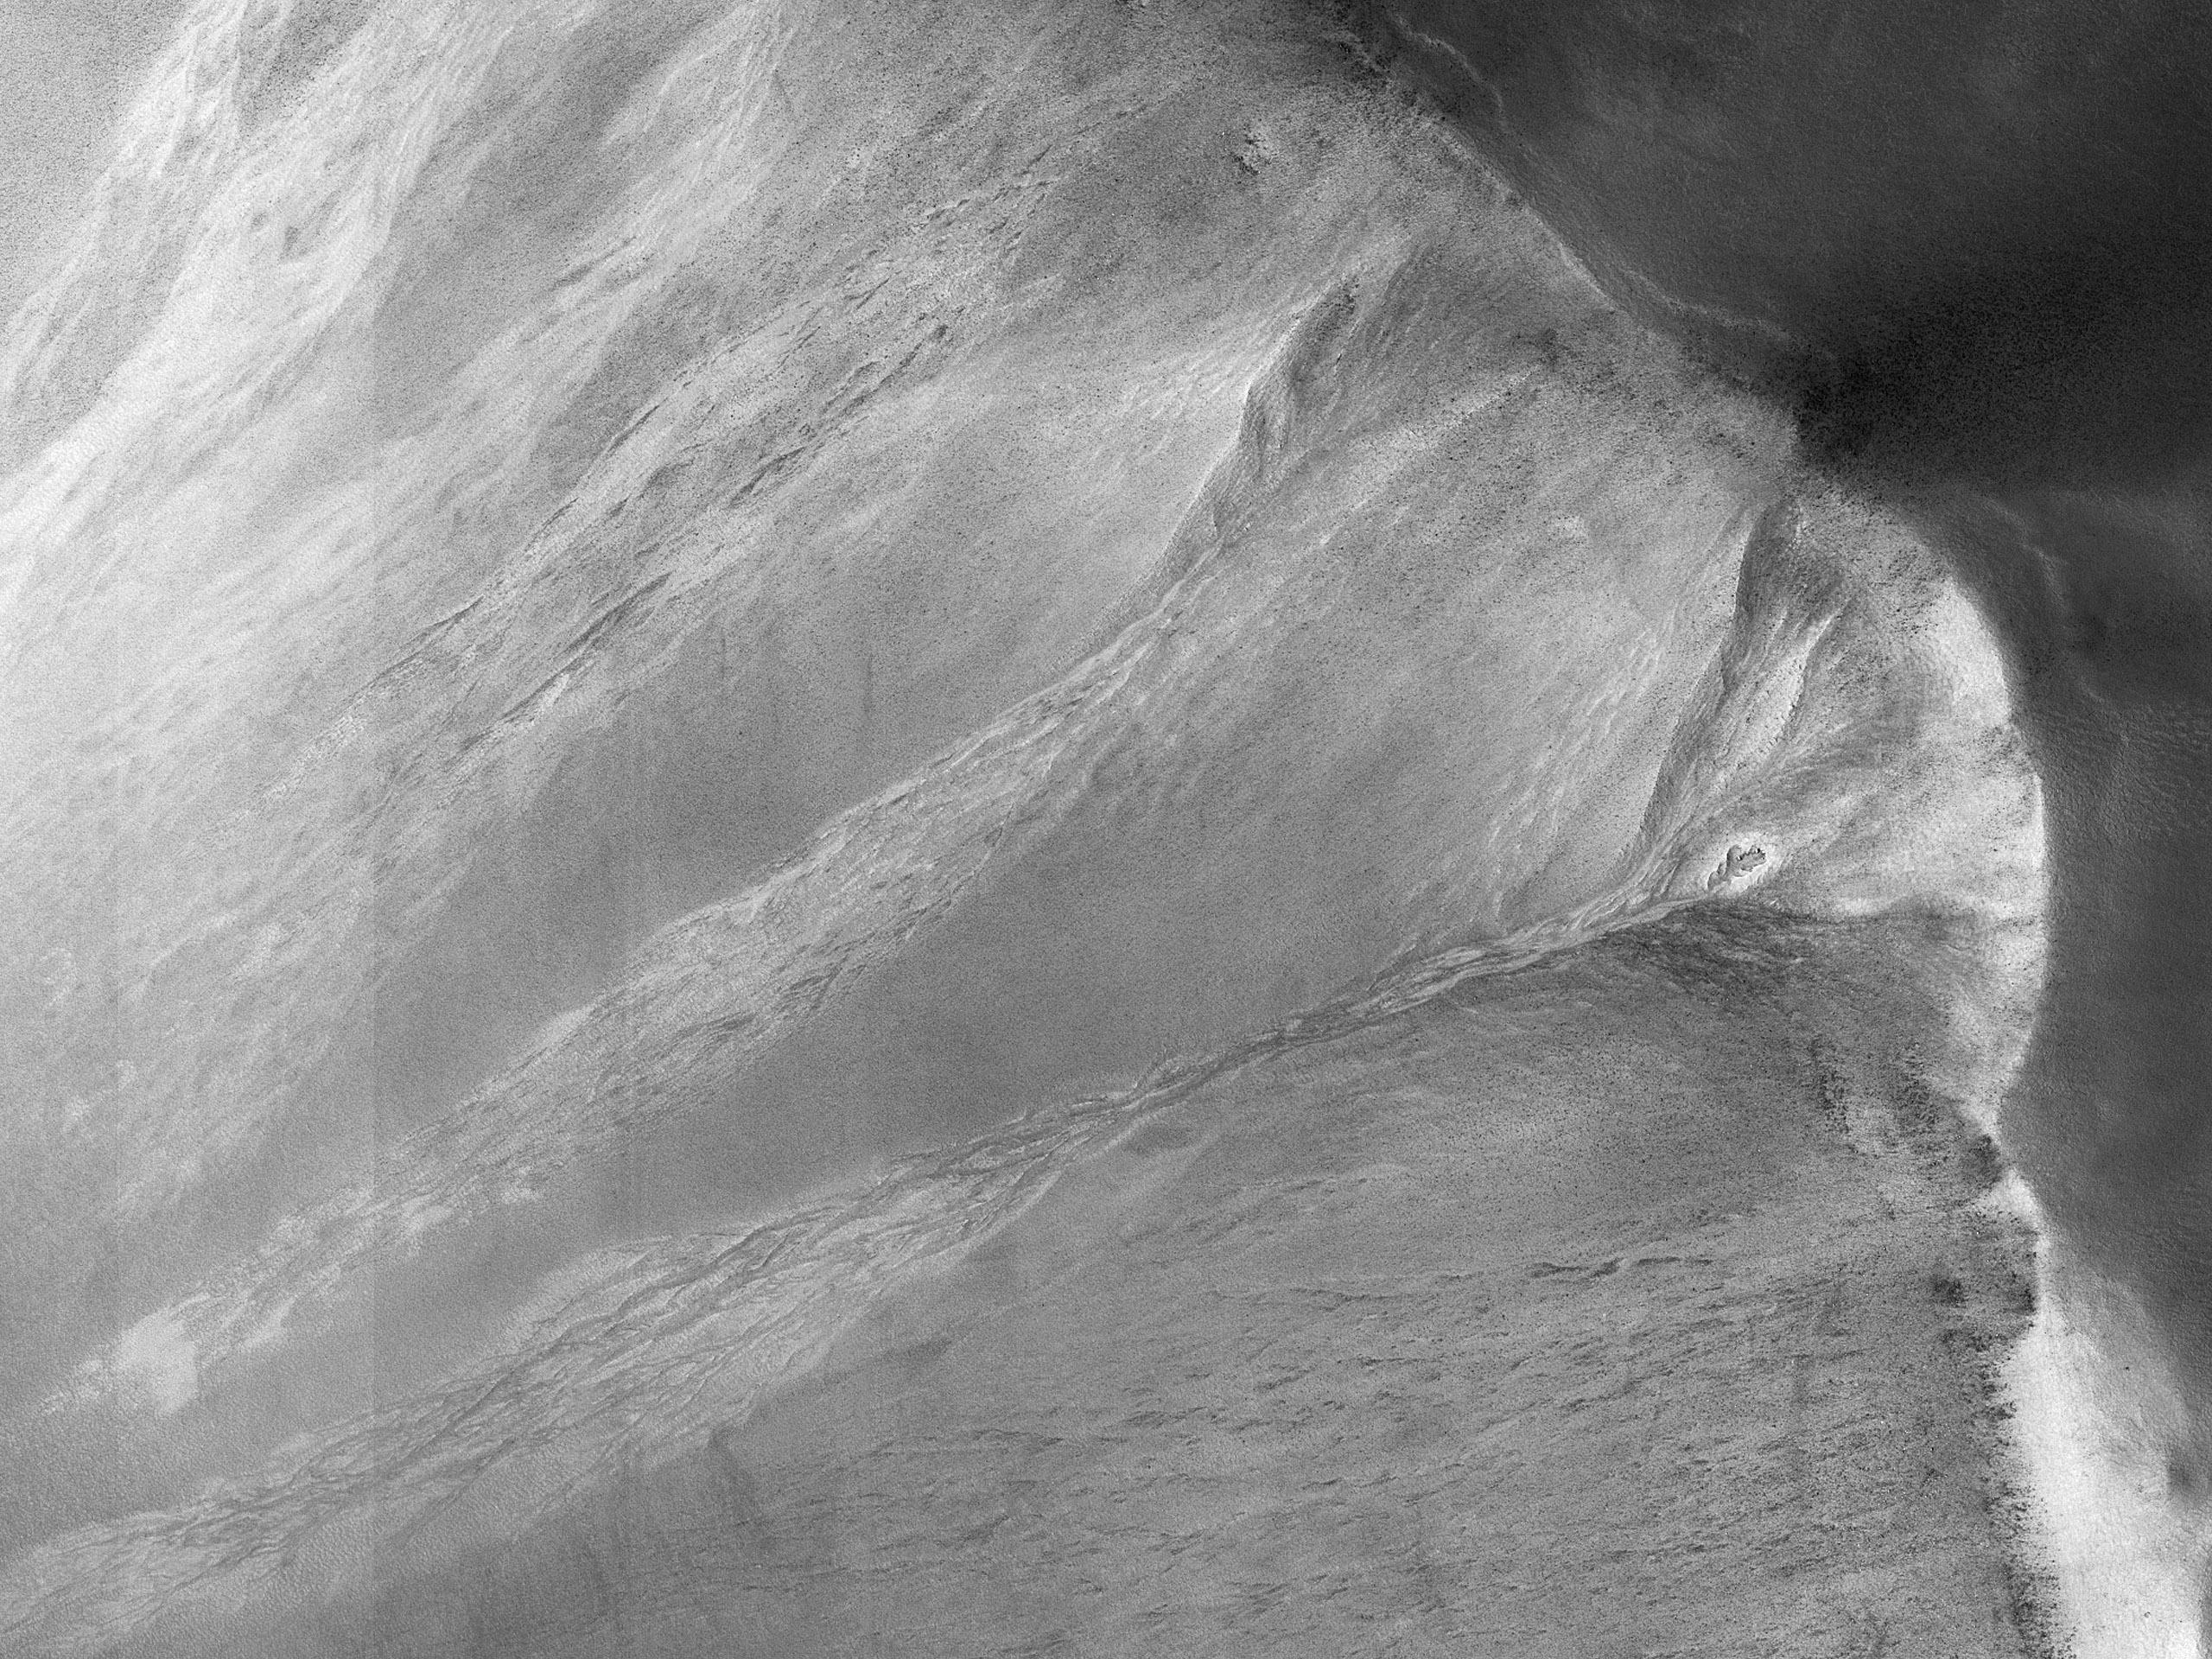 גיאיות צרות על קיר מכתש